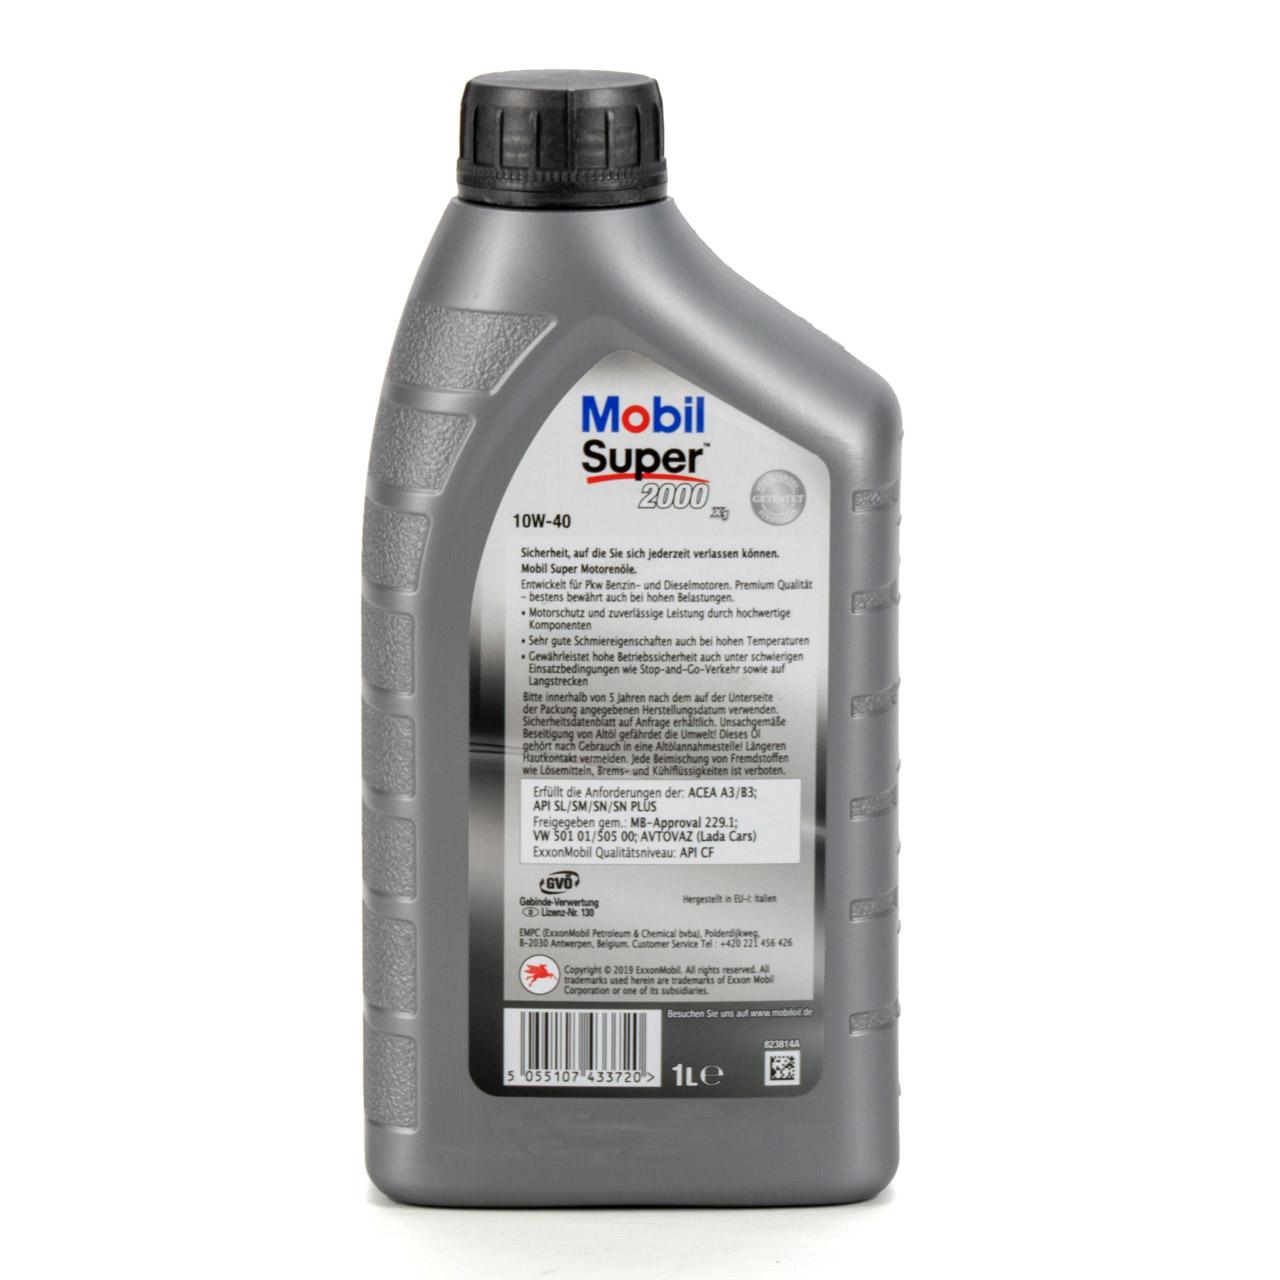 Mobil SUPER 2000 X1 10W40 Super Premium Motoröl Öl VW 501.01/505.00 - 1L 1 Liter